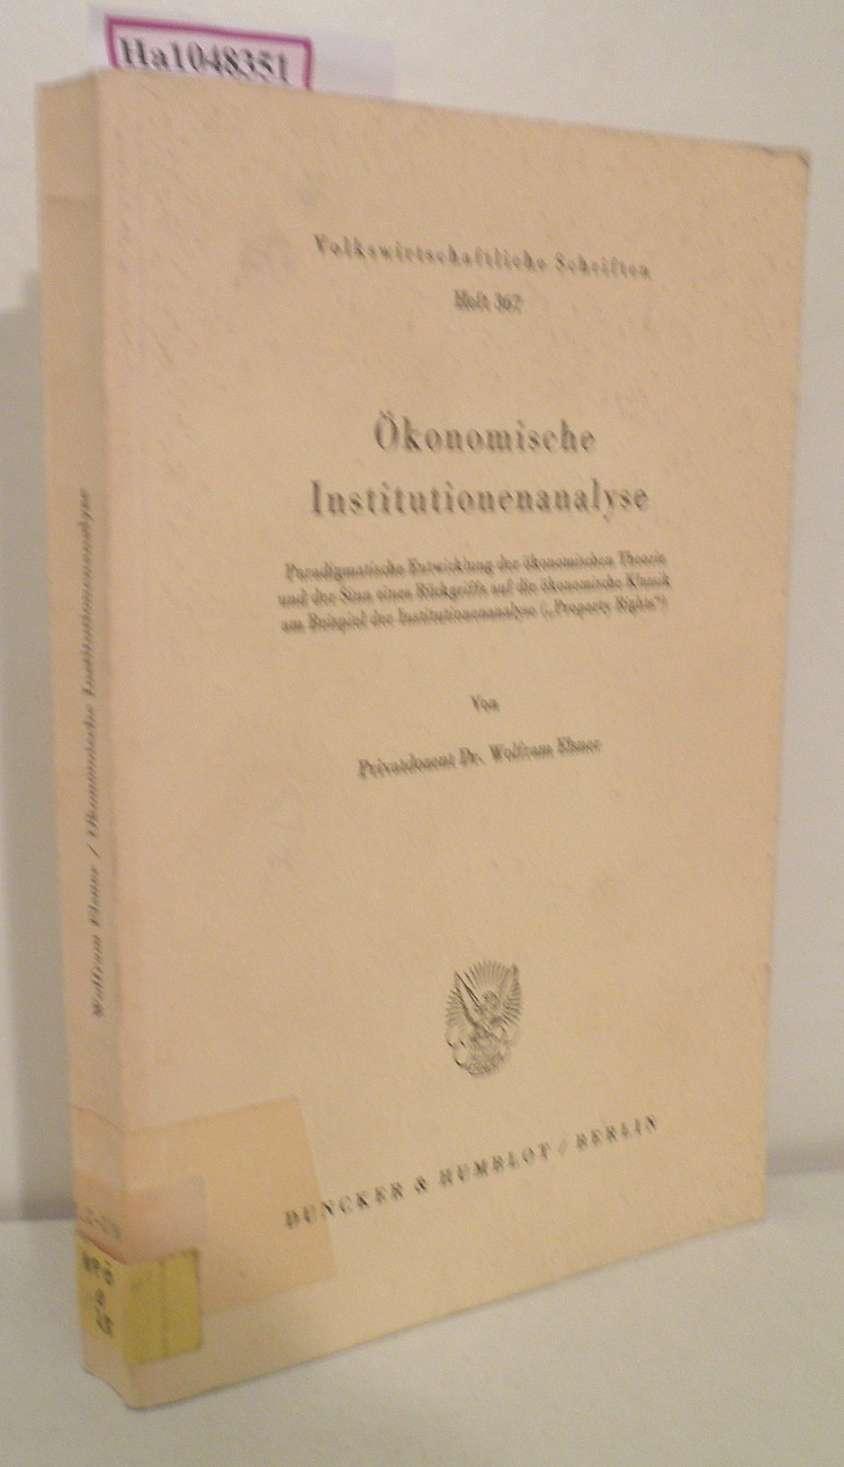 Ökonomische Institutionenanalyse. Paradigmatische Entwicklung der ökonomischen Theorie und der Sinn eines Rückgriffs auf die ökonomische Klassik am Beispiel der Institutionenanalyse (